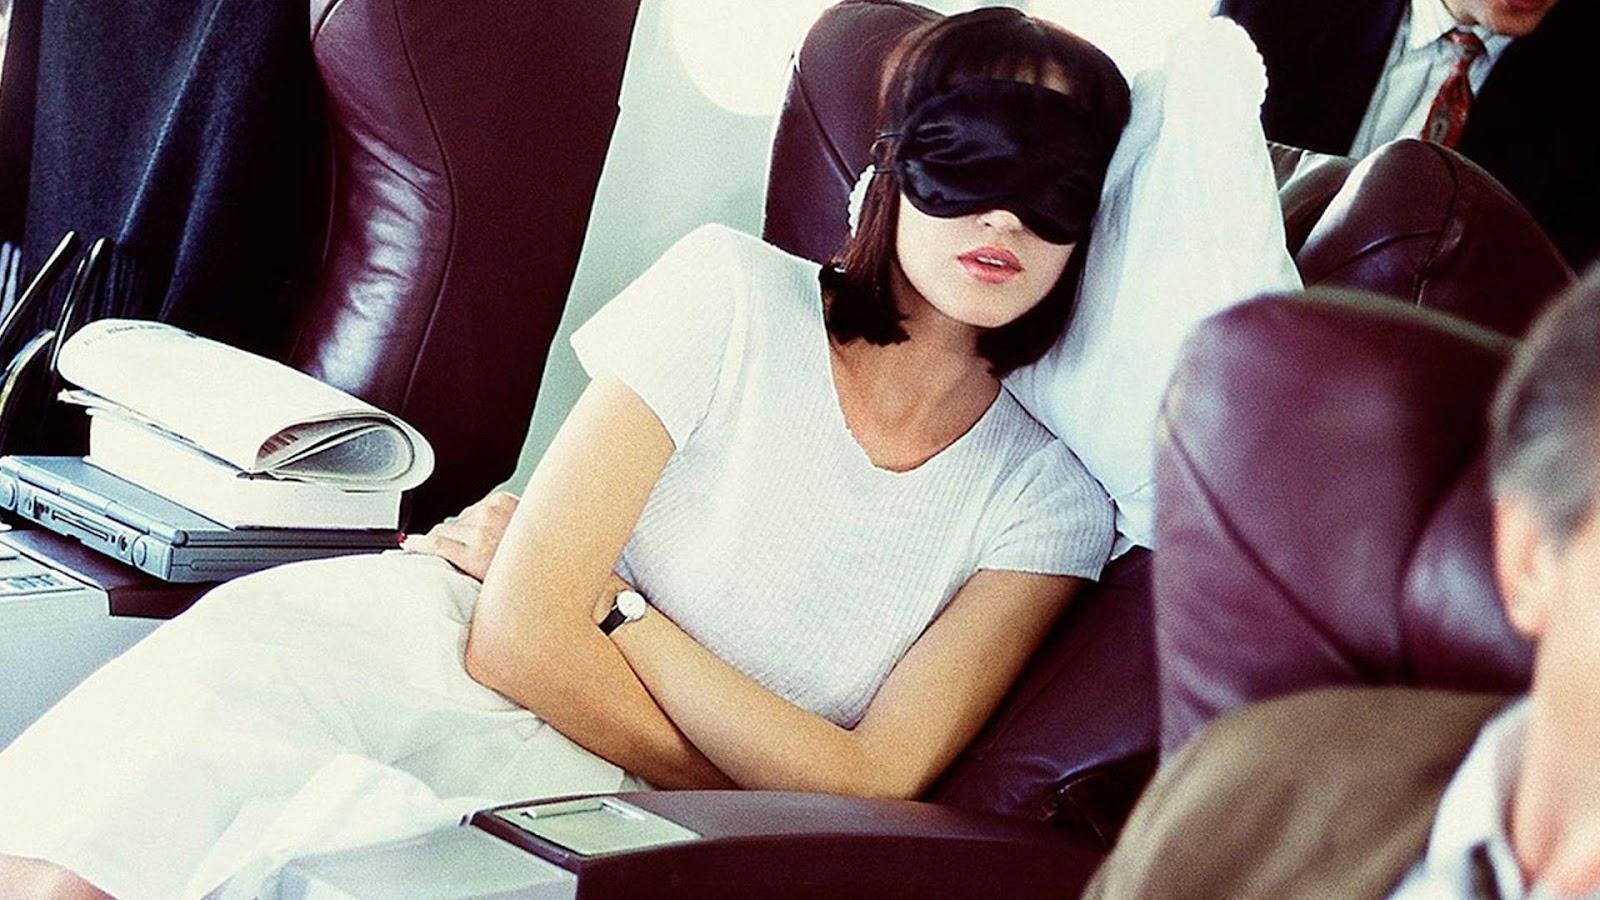 relax on flight for overcoming jet lag